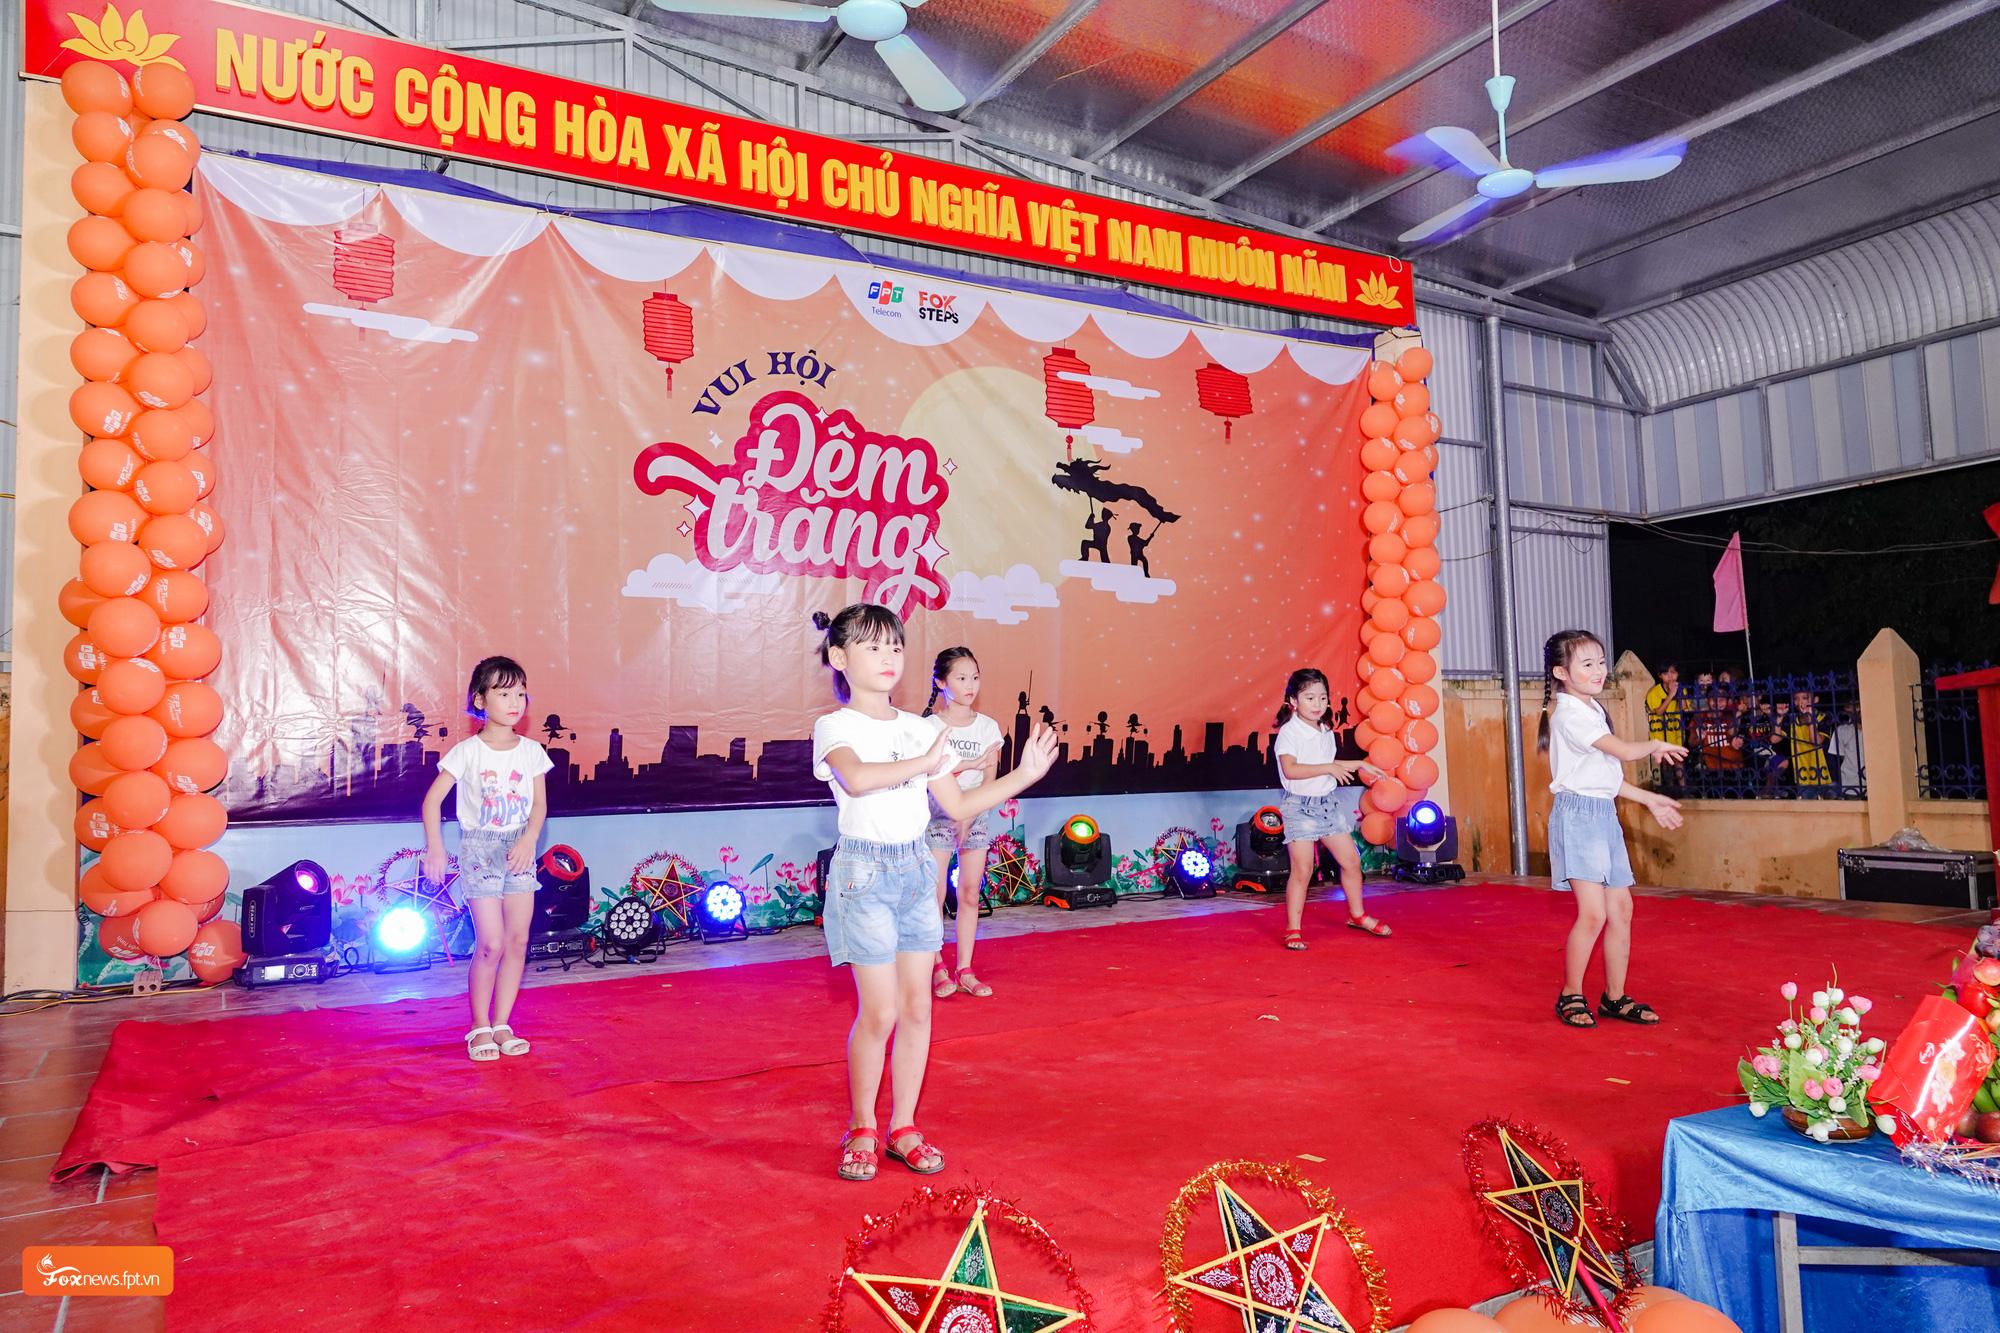 FPT Telecom tổ chức vui Tết Trung thu cho trẻ em tại sân chơi FoxSteps 59 tỉnh thành  - Ảnh 1.